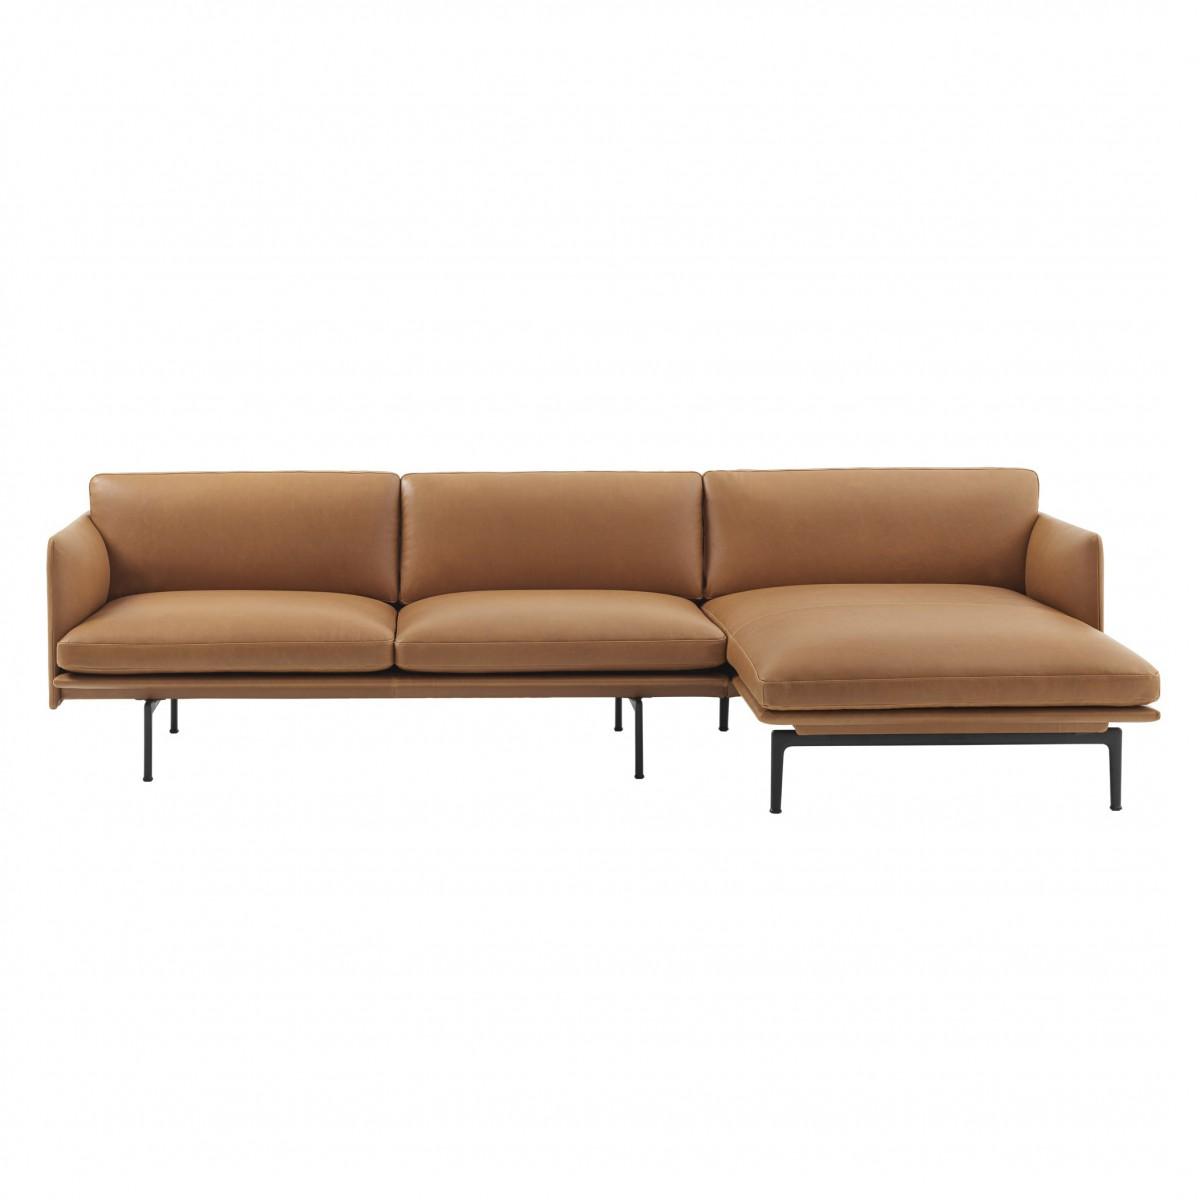 canap outline chaise longue en cuir cognac muuto chez. Black Bedroom Furniture Sets. Home Design Ideas